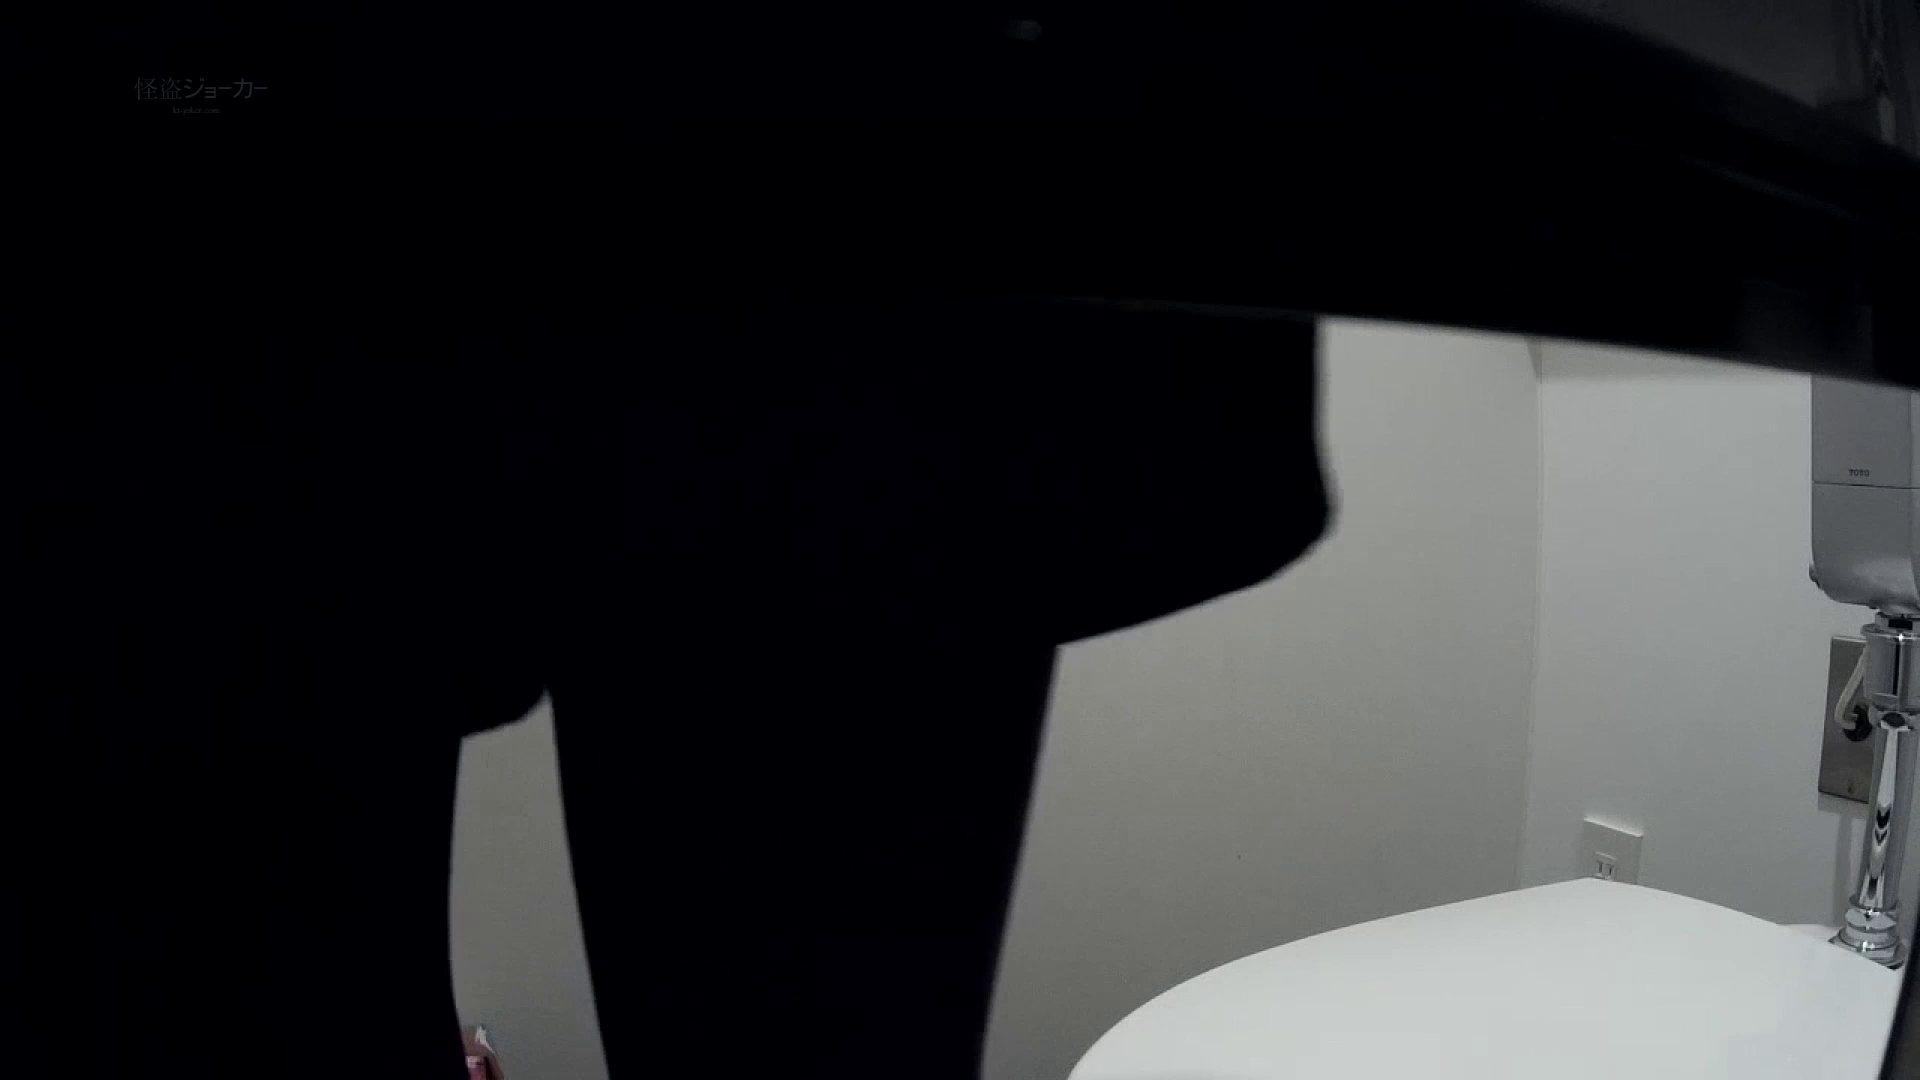 有名大学女性洗面所 vol.54 設置撮影最高峰!! 3視点でじっくり観察 潜入 AV動画キャプチャ 86PIX 63